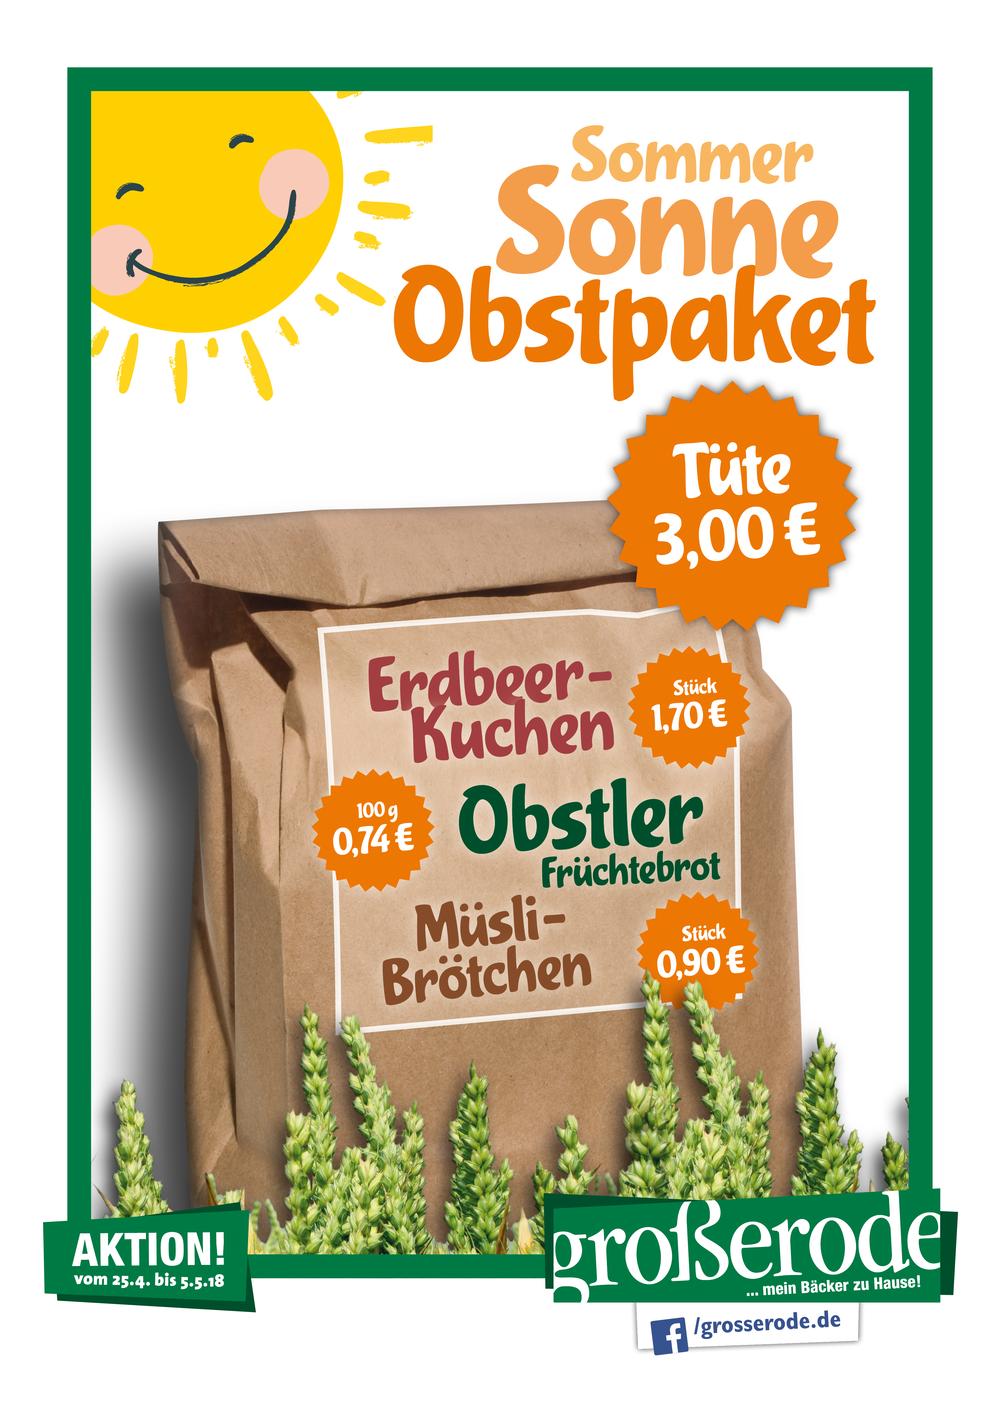 20180419_Grosserode_SommerSonneObstpaket_Web.png